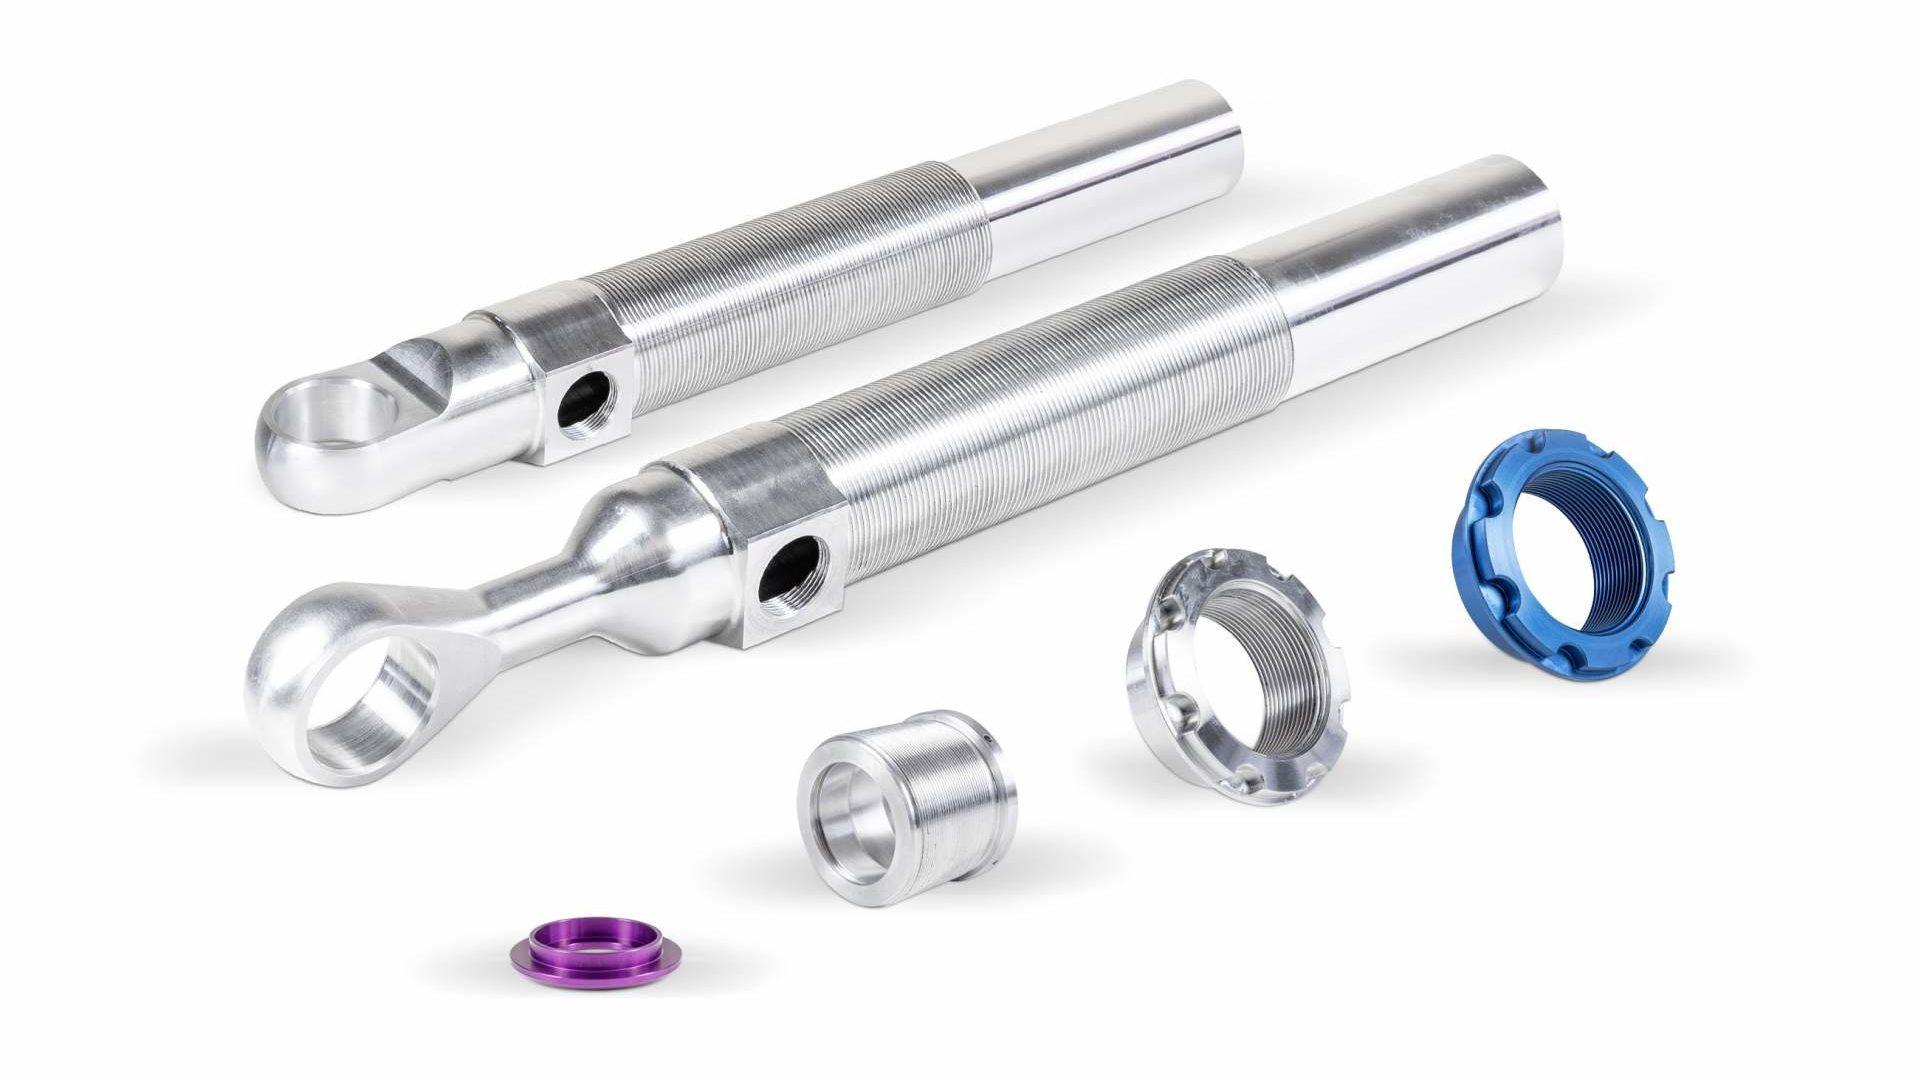 Wir bieten ein breites Spektrum von Drehteilen sowie Frästeilen für die Automobilindustrie.